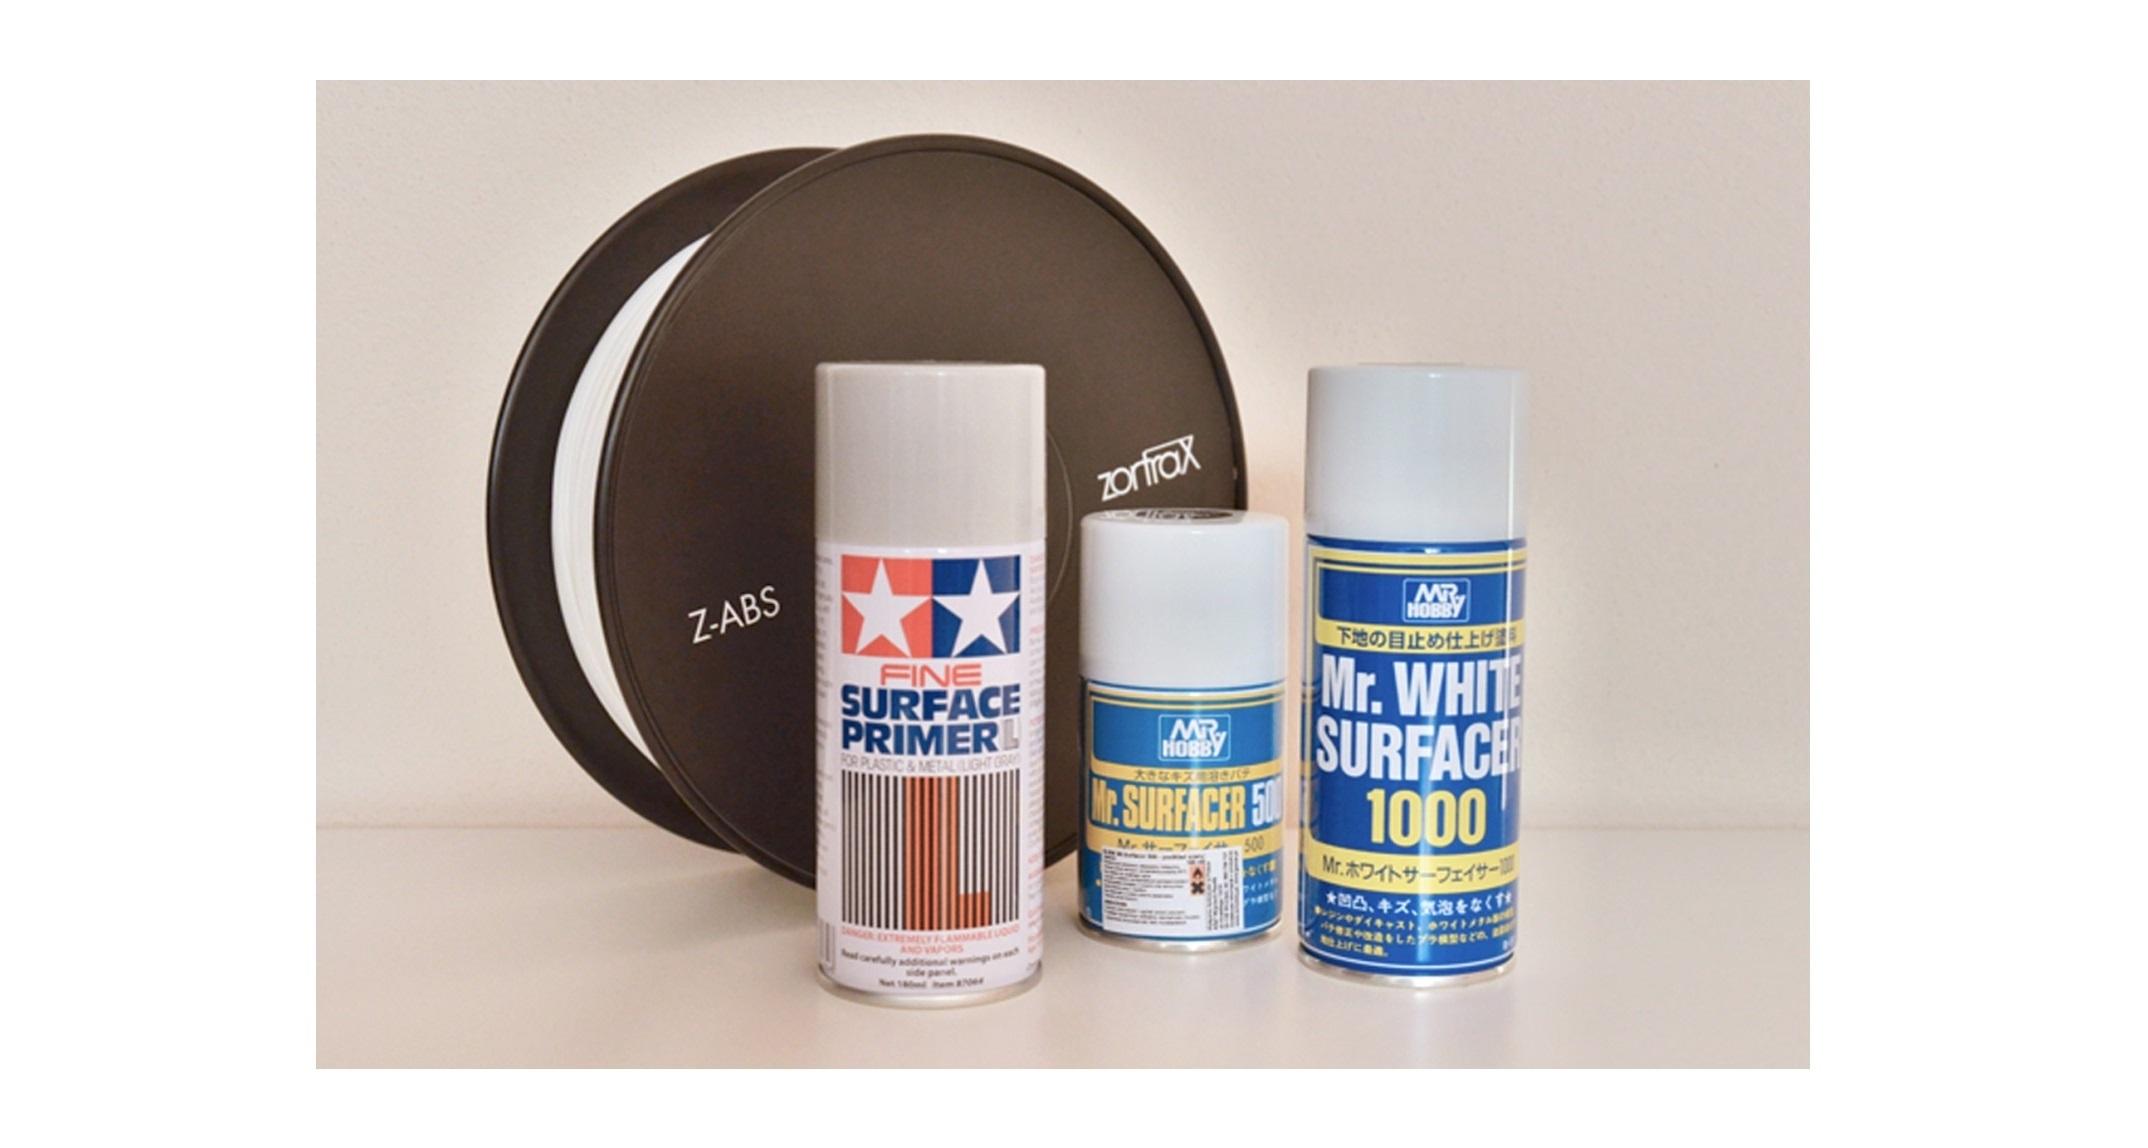 Profesionálne tmely a farby pre plast stojace pred bielym Z-ABS.